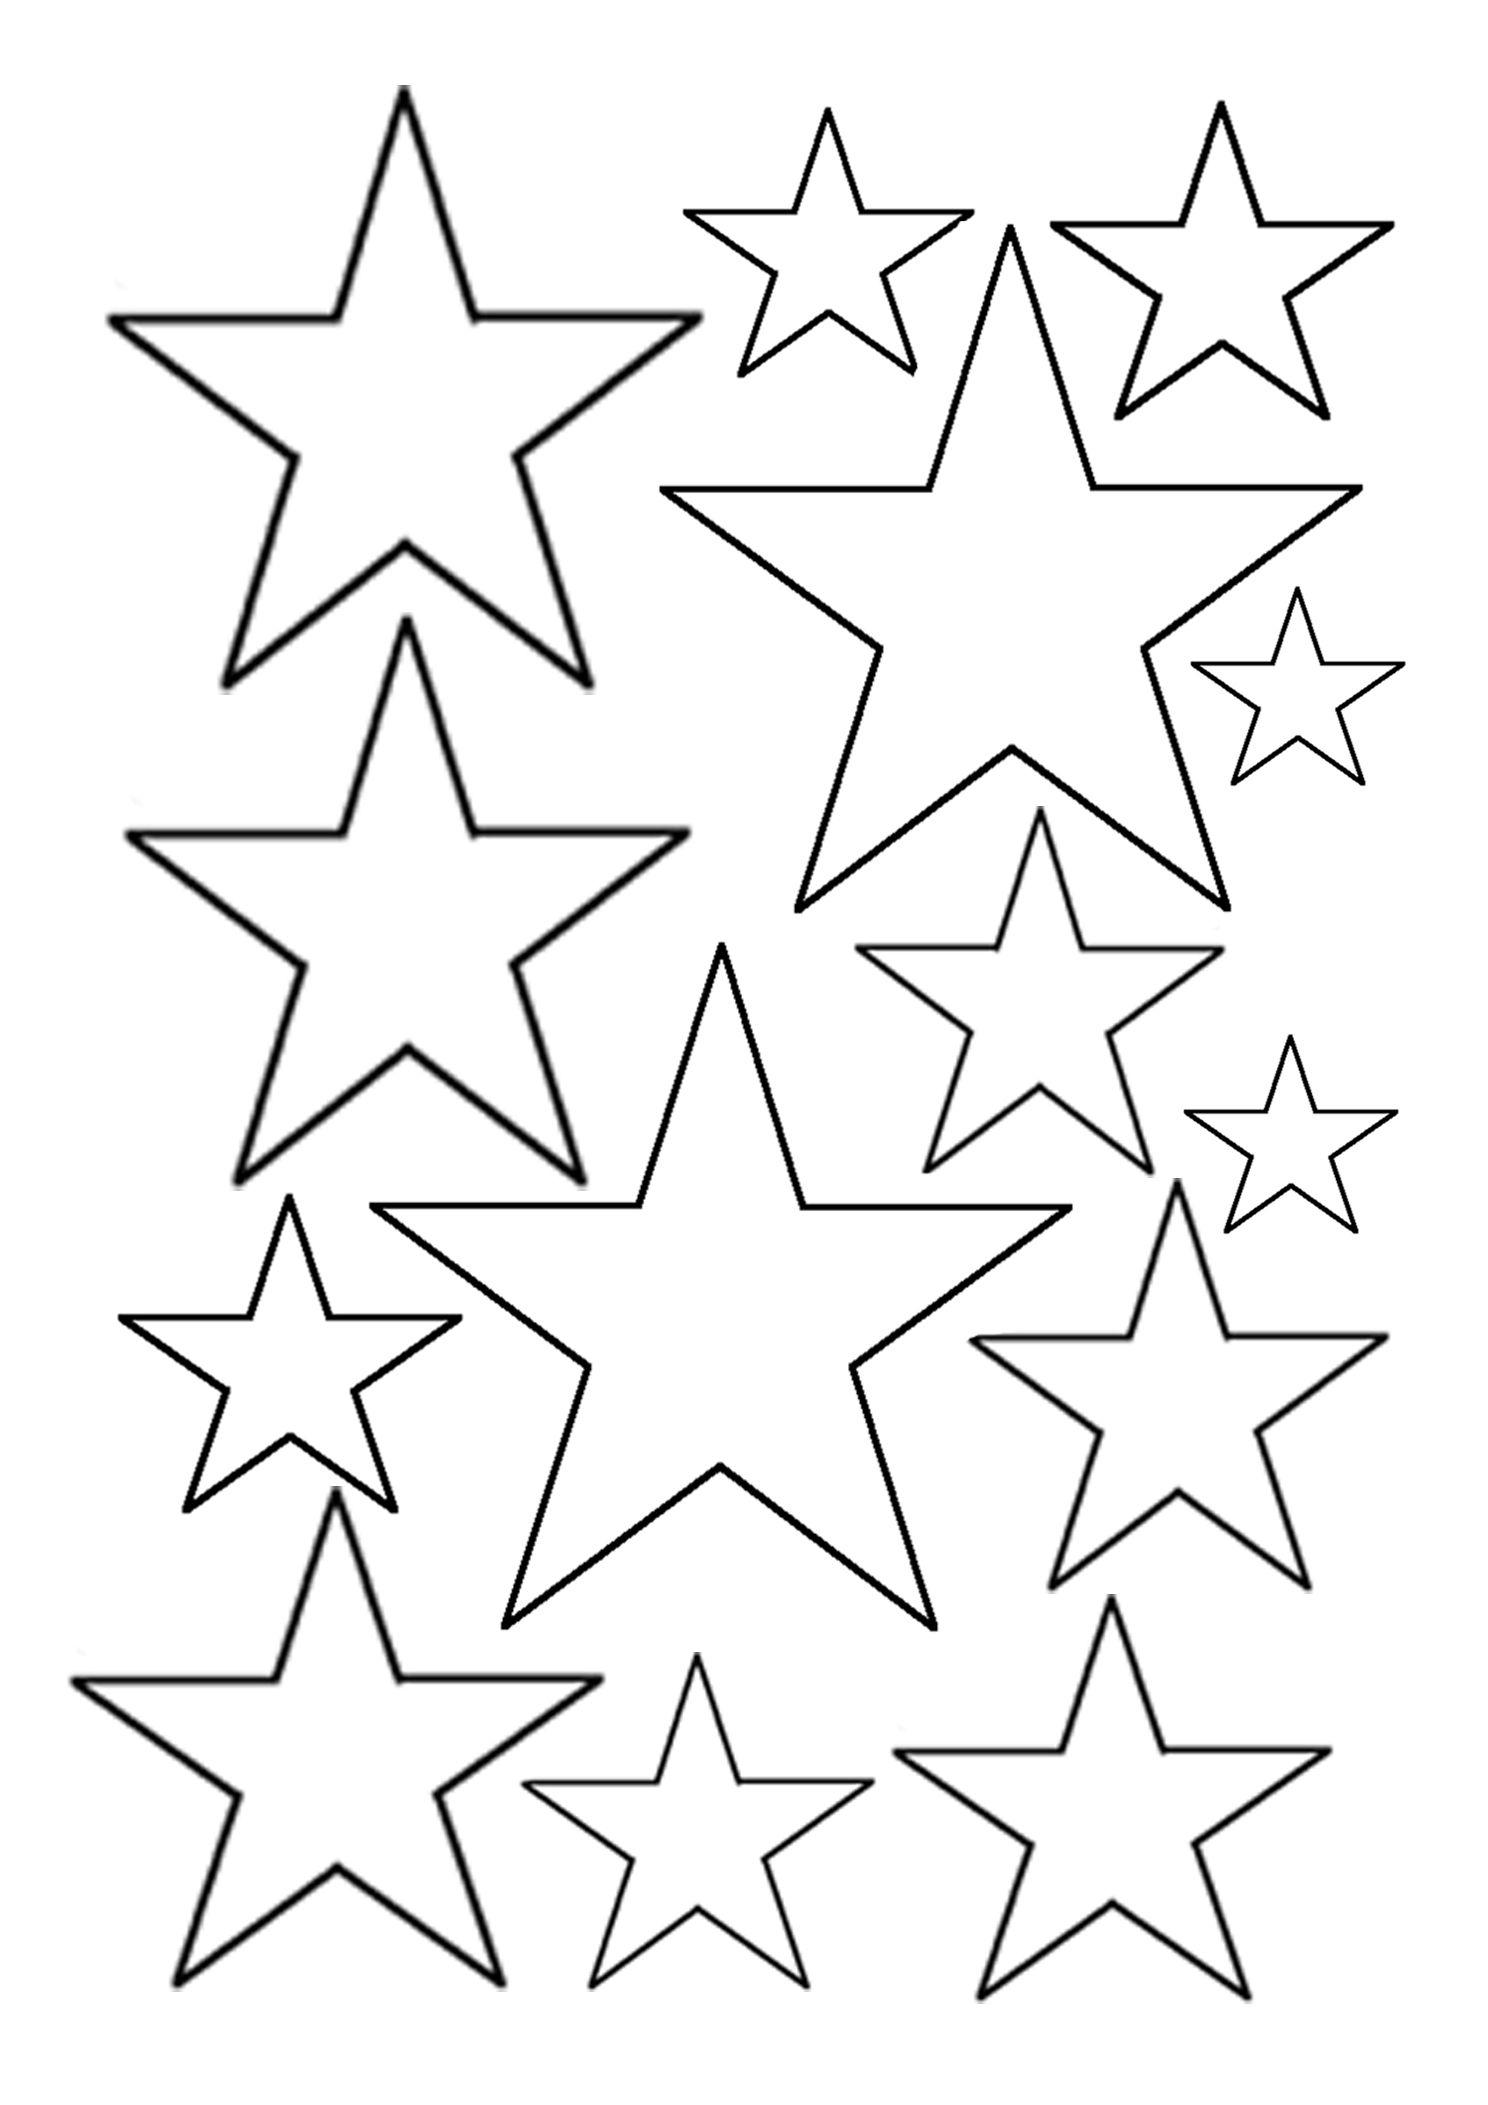 Tranh tô màu ngôi sao dễ thương cho bé